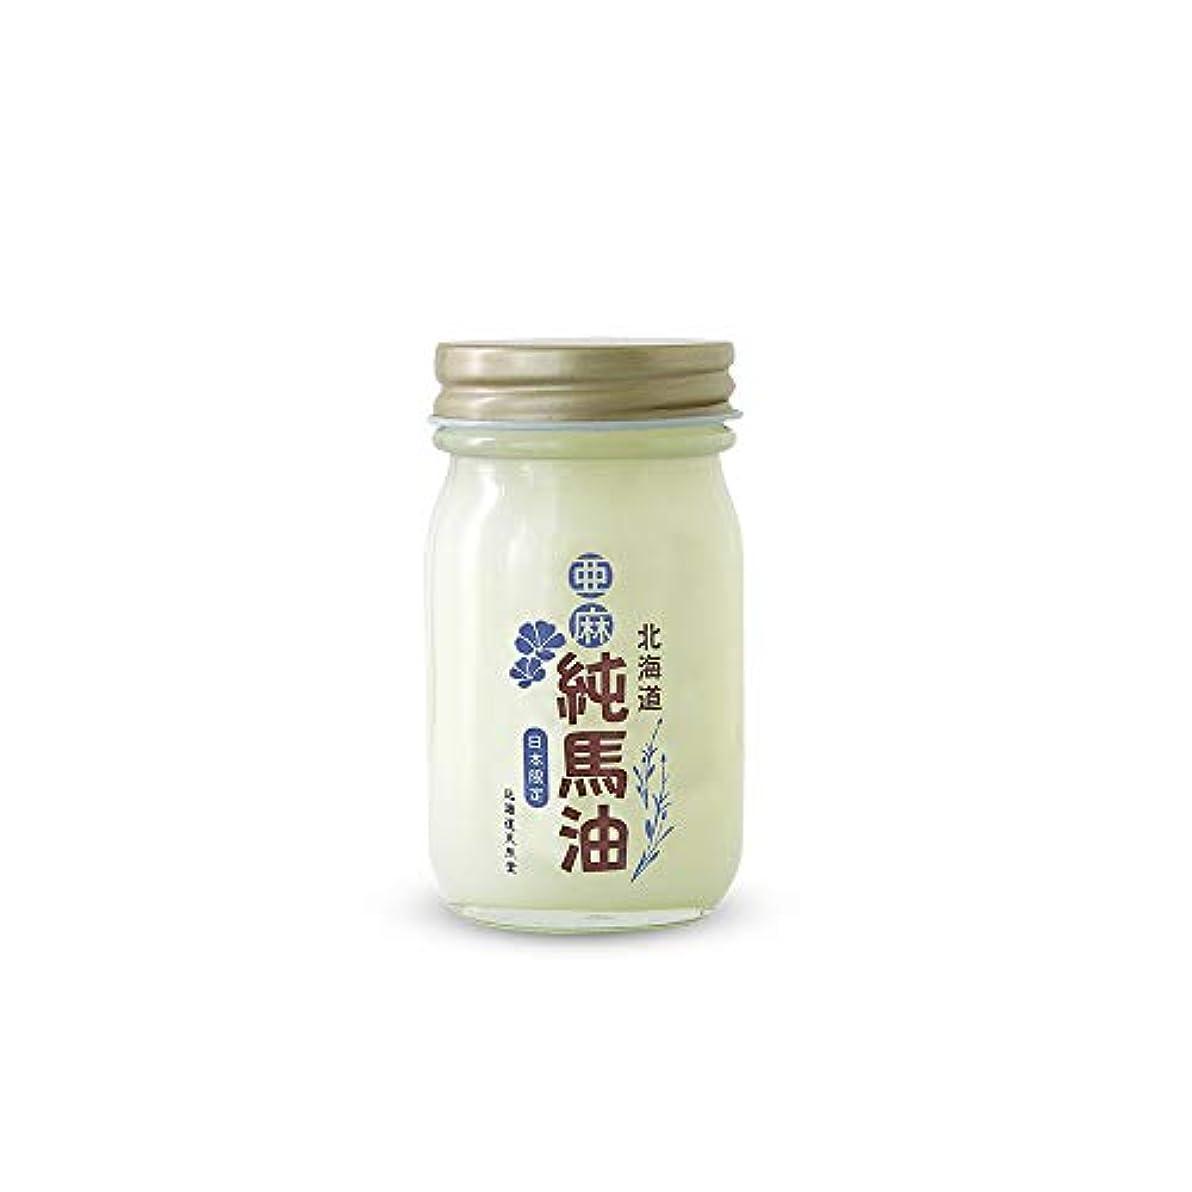 保持する悪行ビスケットアマ純馬油 80g / 北海道天然堂